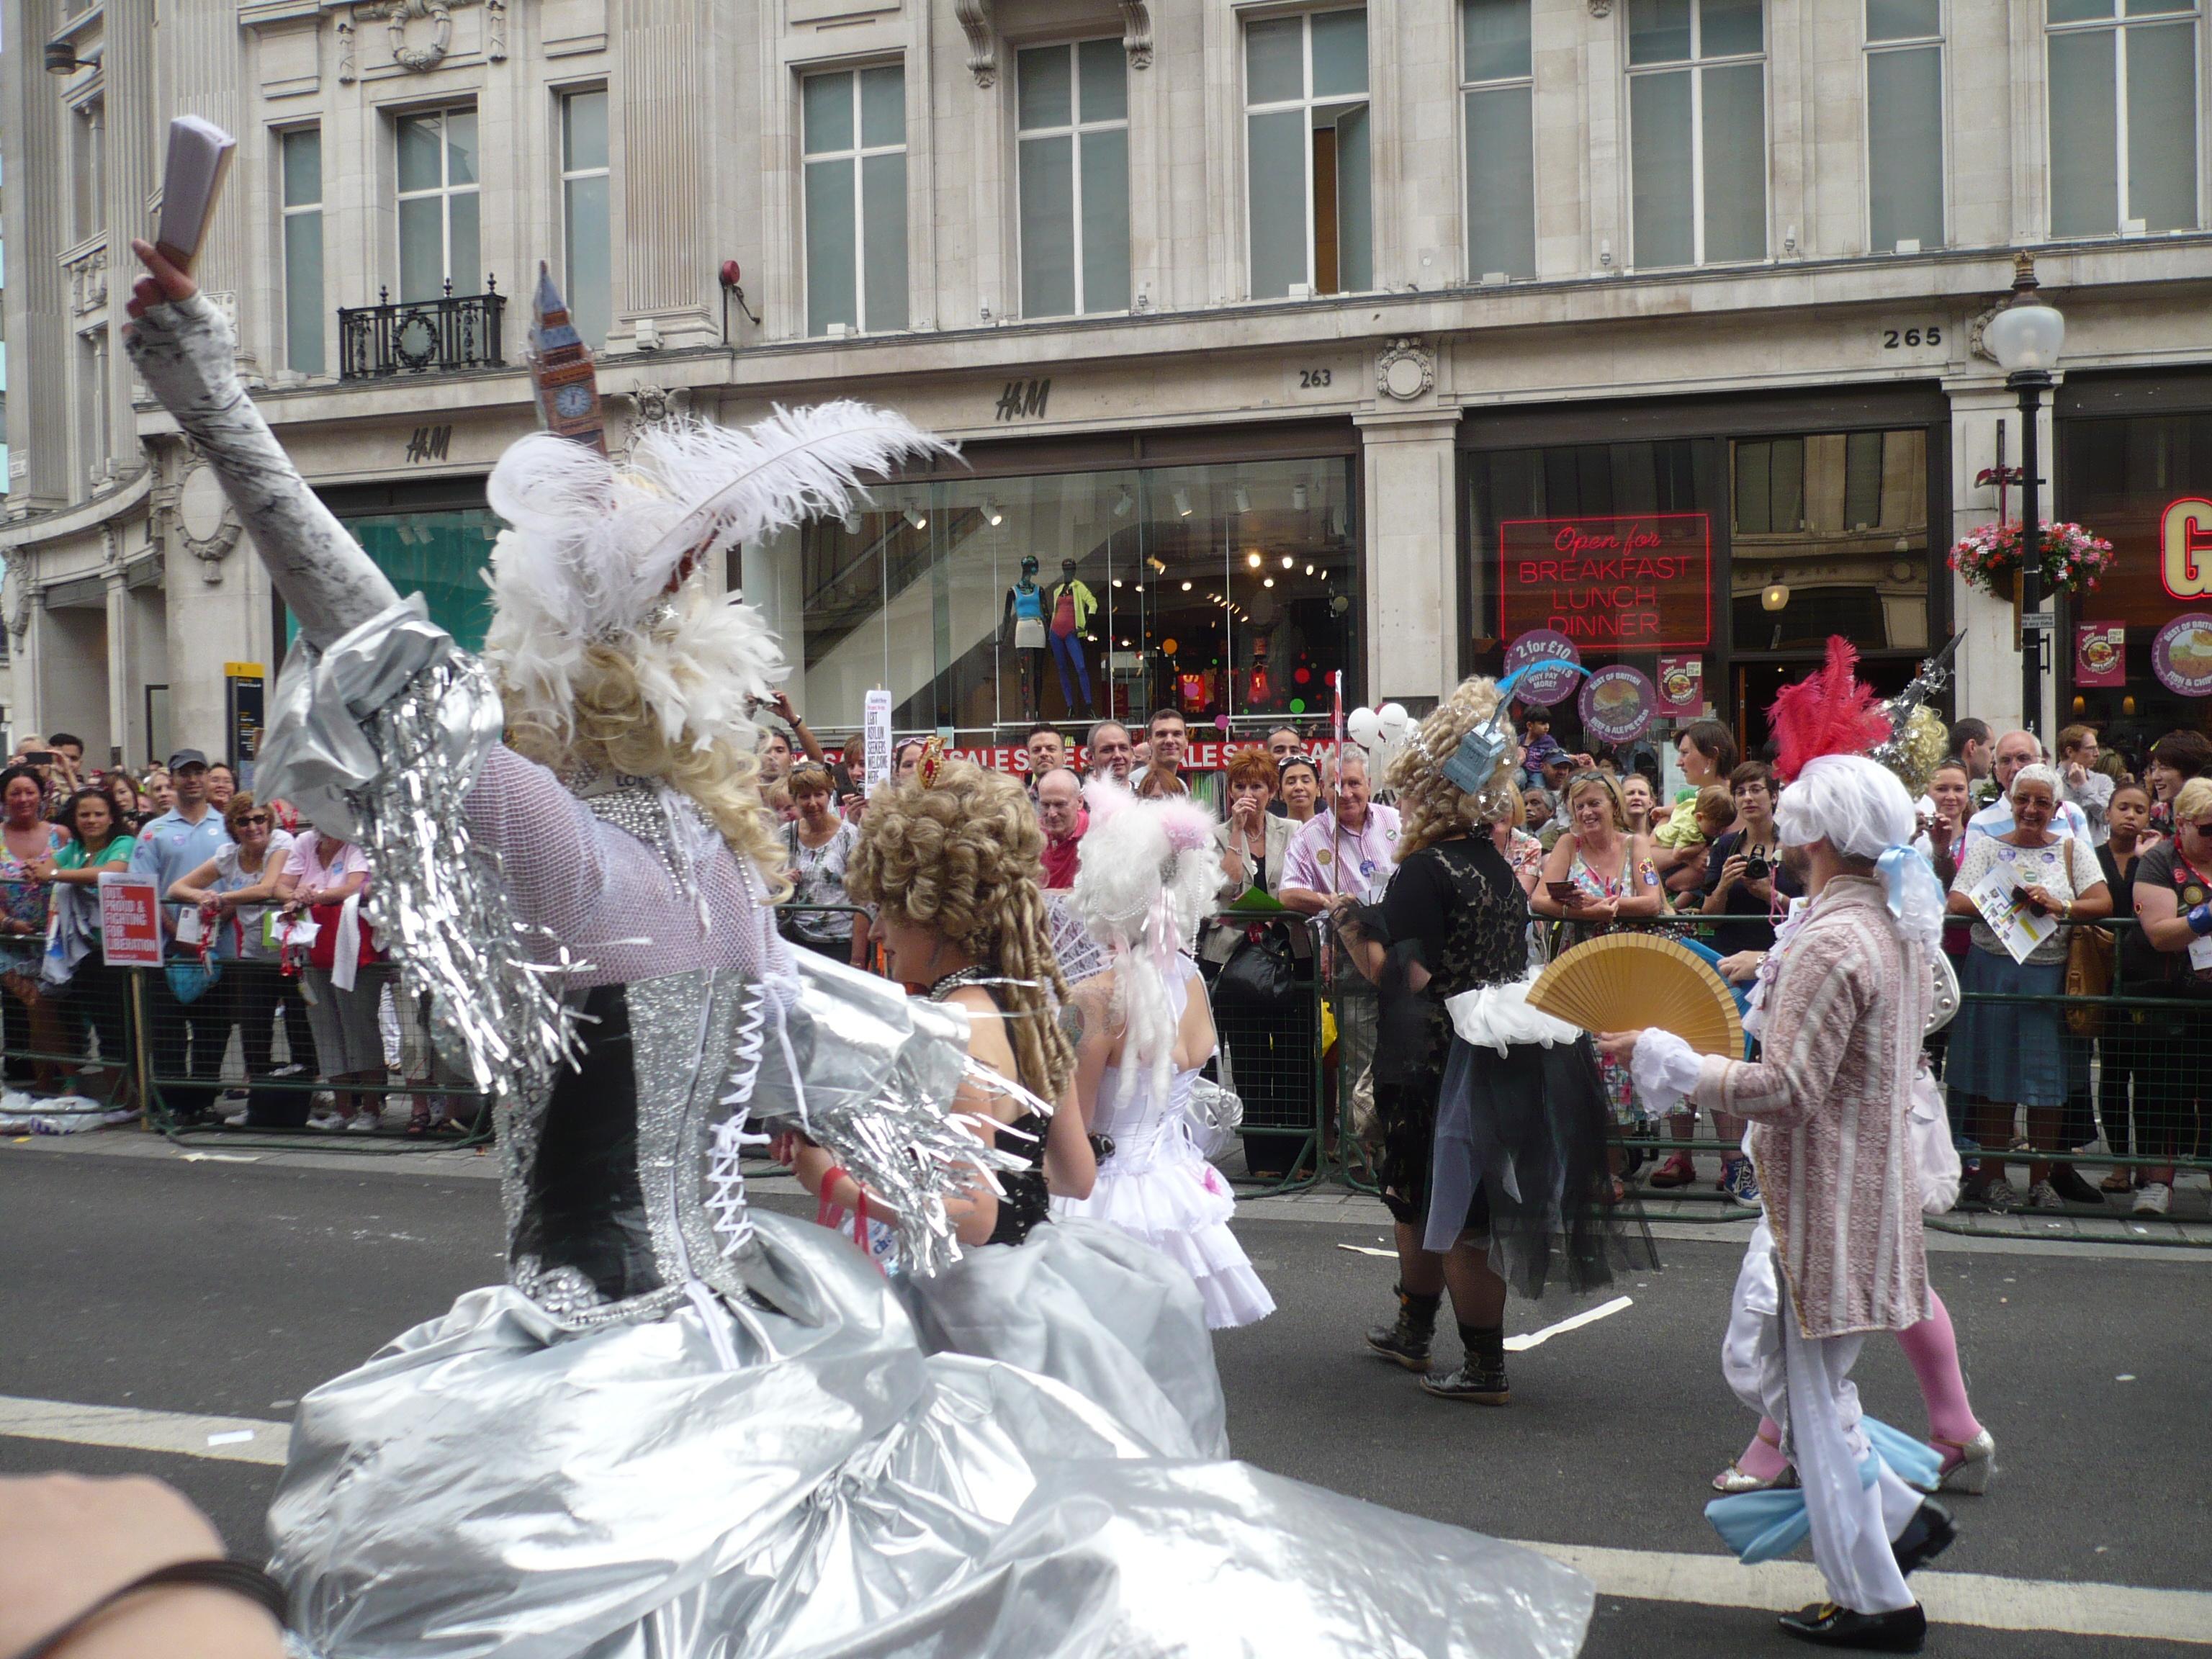 Gay Pride (5898248546).jpg English: gay pride london 2011,London LGBT Pride 2011 Date 2 July 2011, 18:27:53 Source https://www.flickr